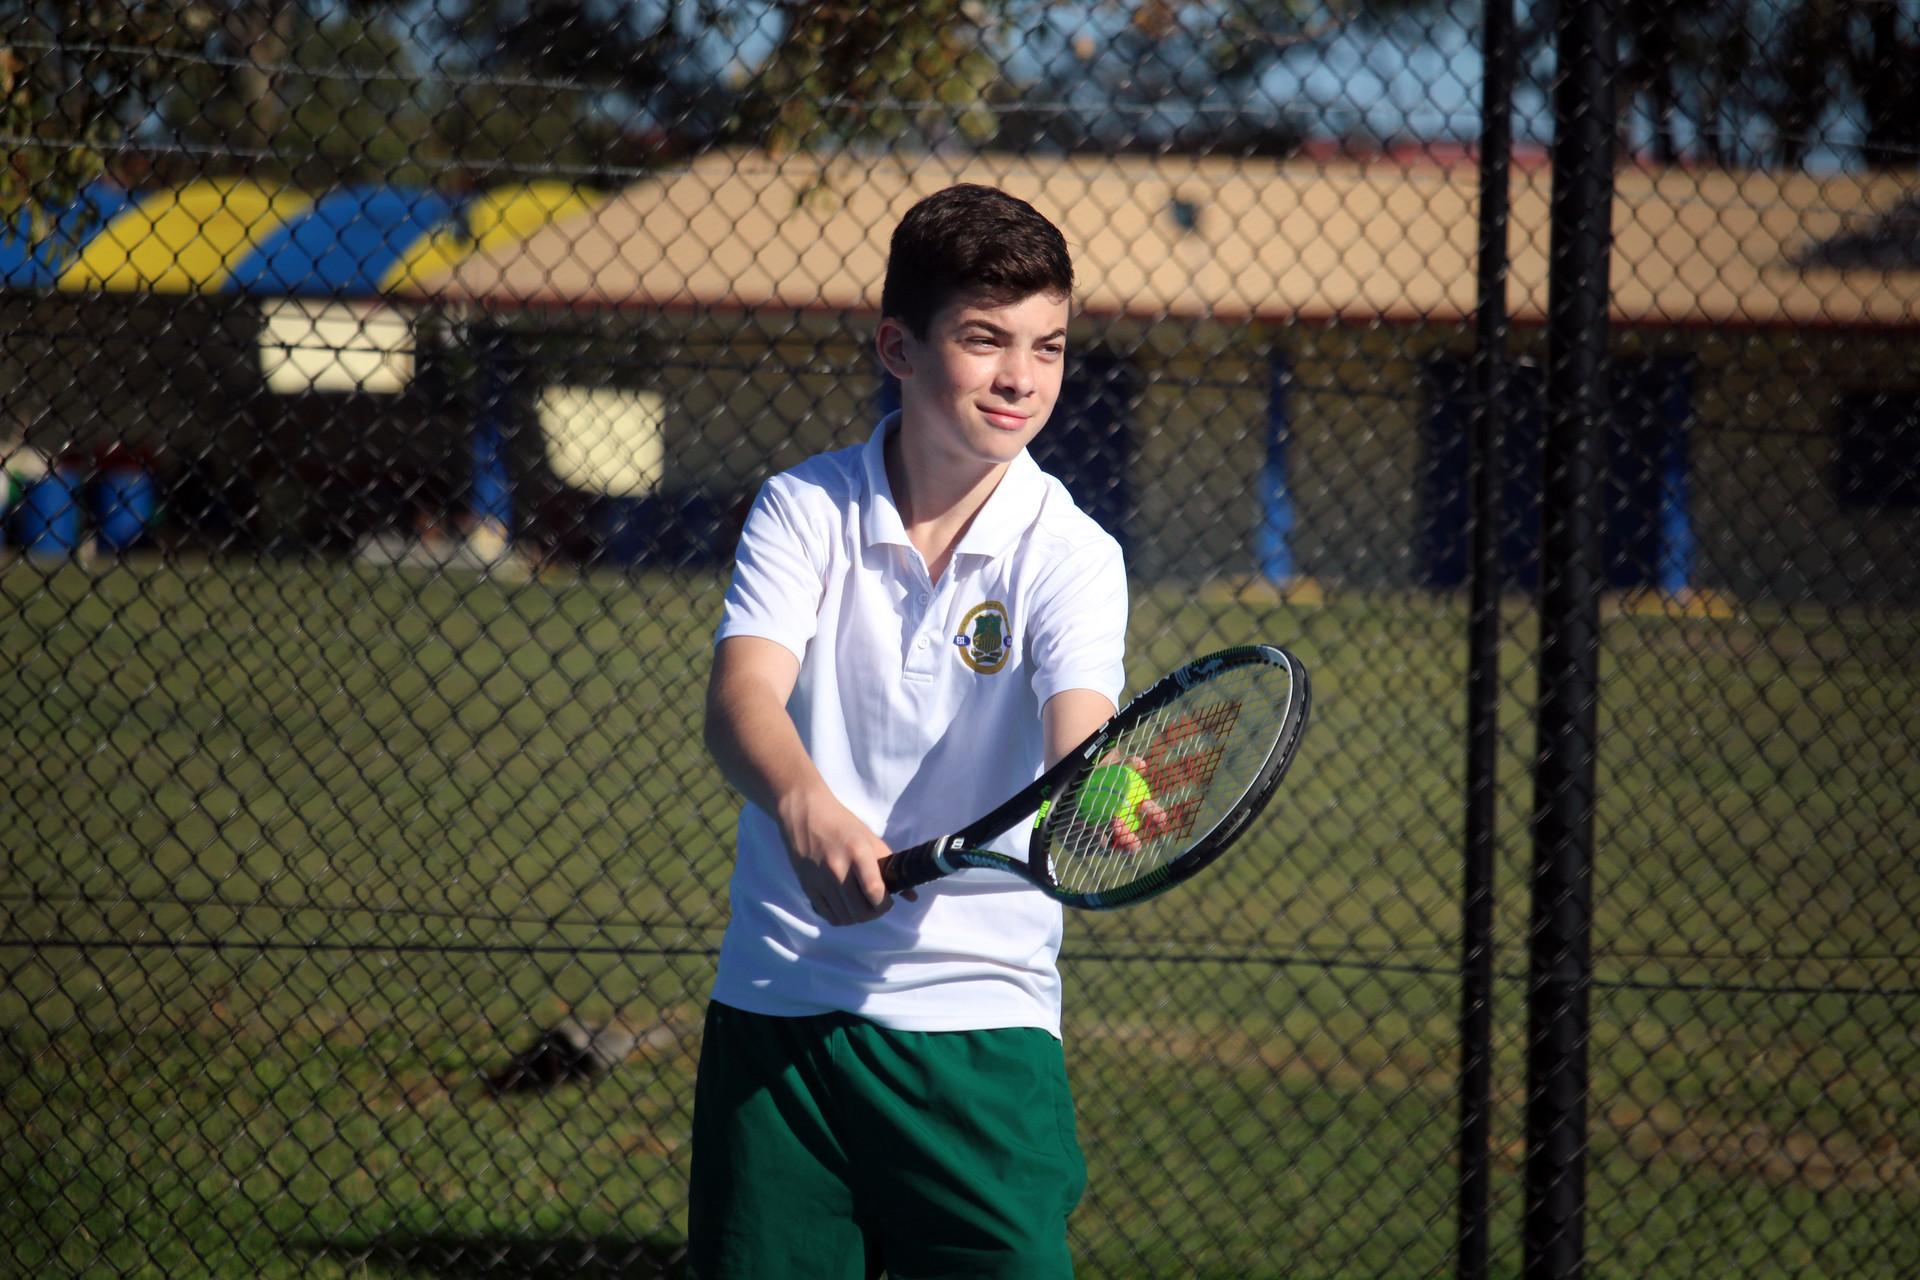 Tennis.jpg?mtime=20171123120116#asset:75